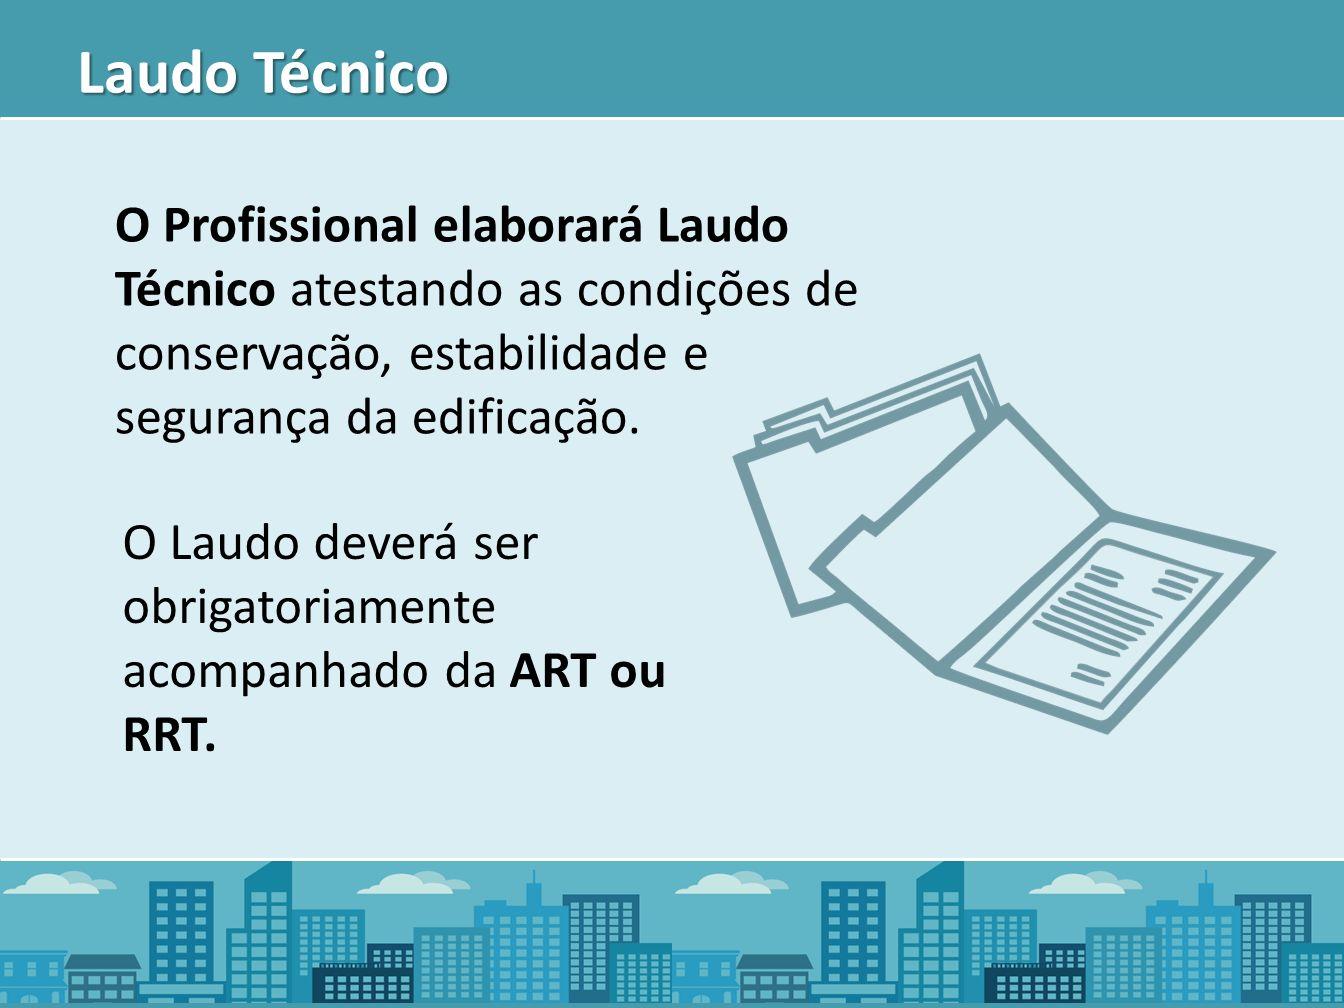 Laudo Técnico O Profissional elaborará Laudo Técnico atestando as condições de conservação, estabilidade e segurança da edificação.